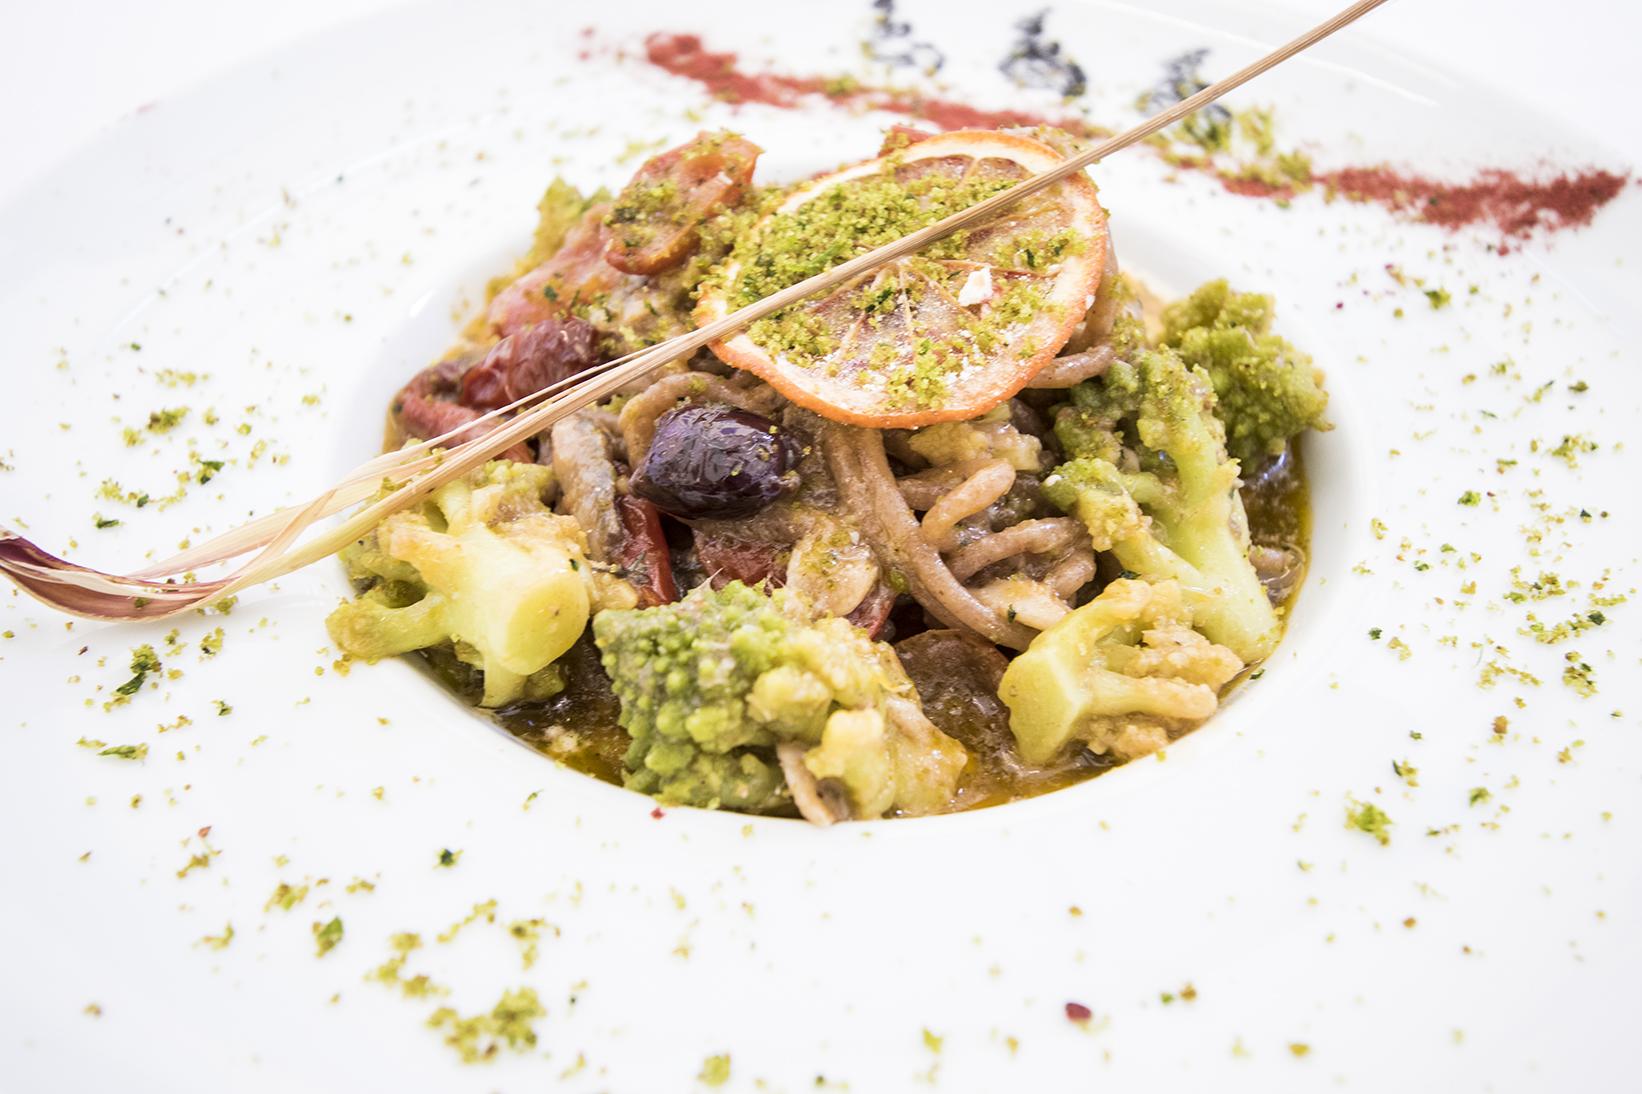 I nostri spaghettini integrali con cavolfiore romano, olive, crumble di pane verde e colatura i burr